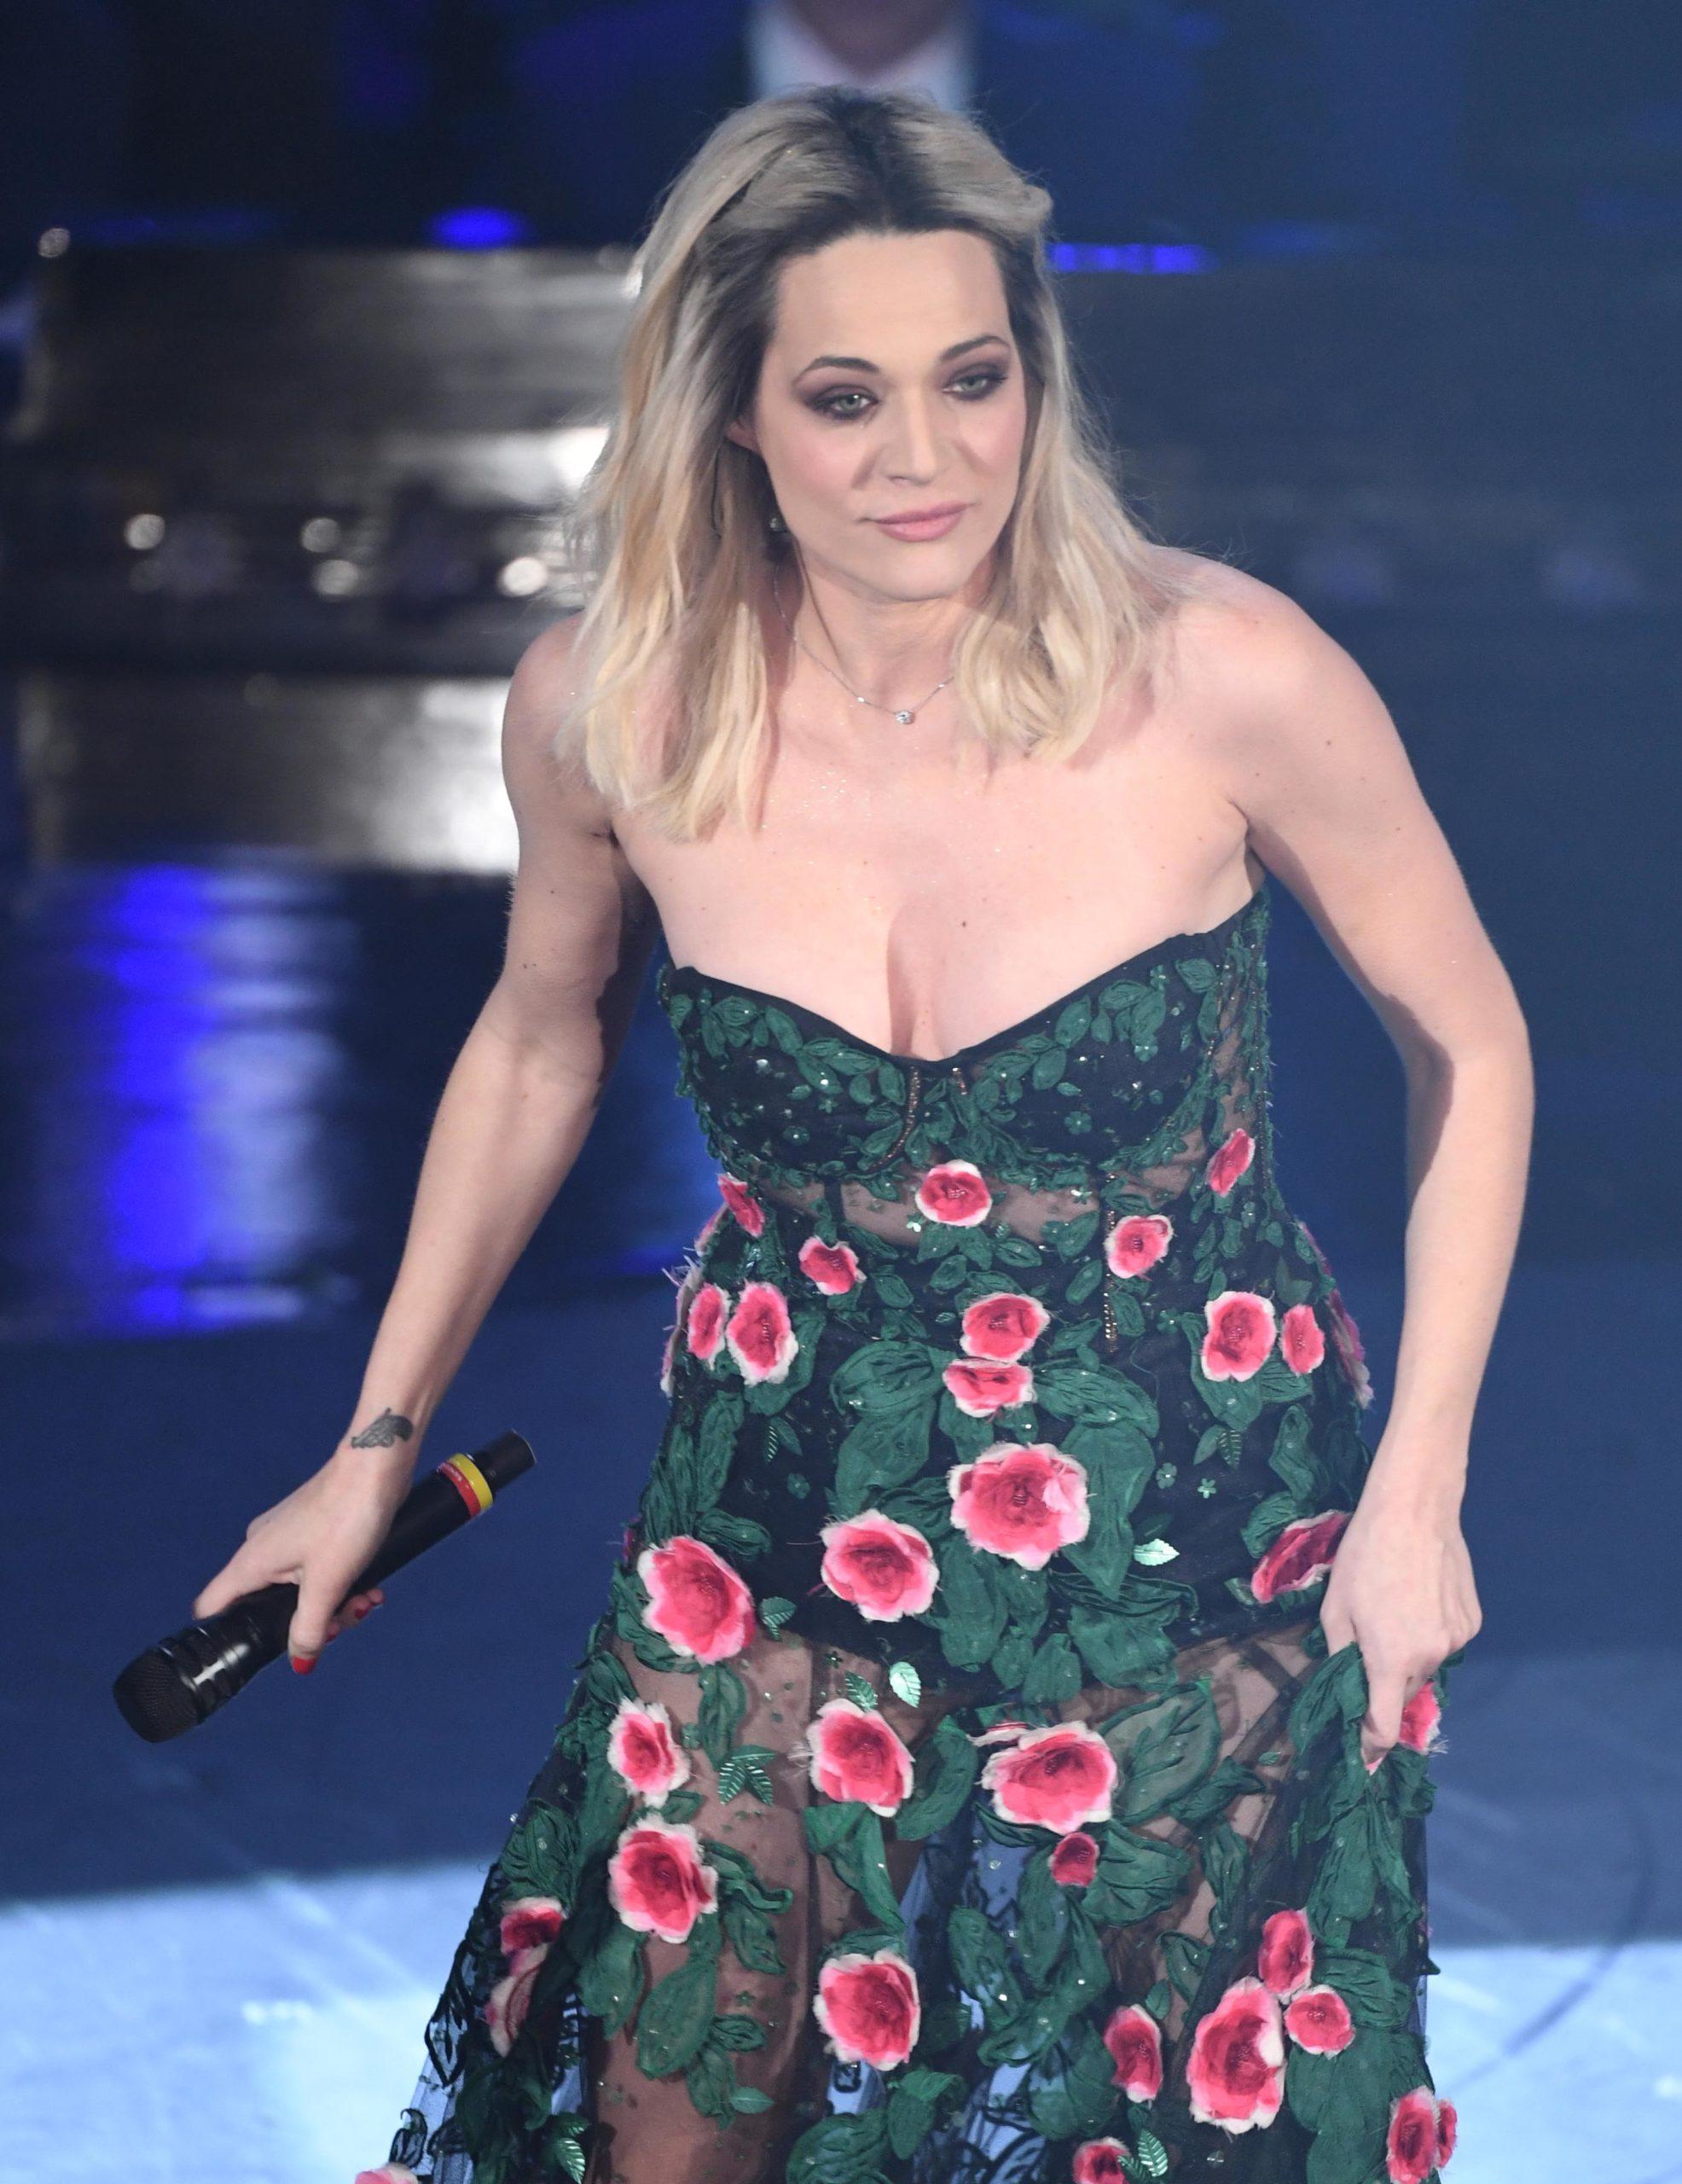 Il beauty look di Laura Chiatti durante la seconda serata di Sanremo 2019